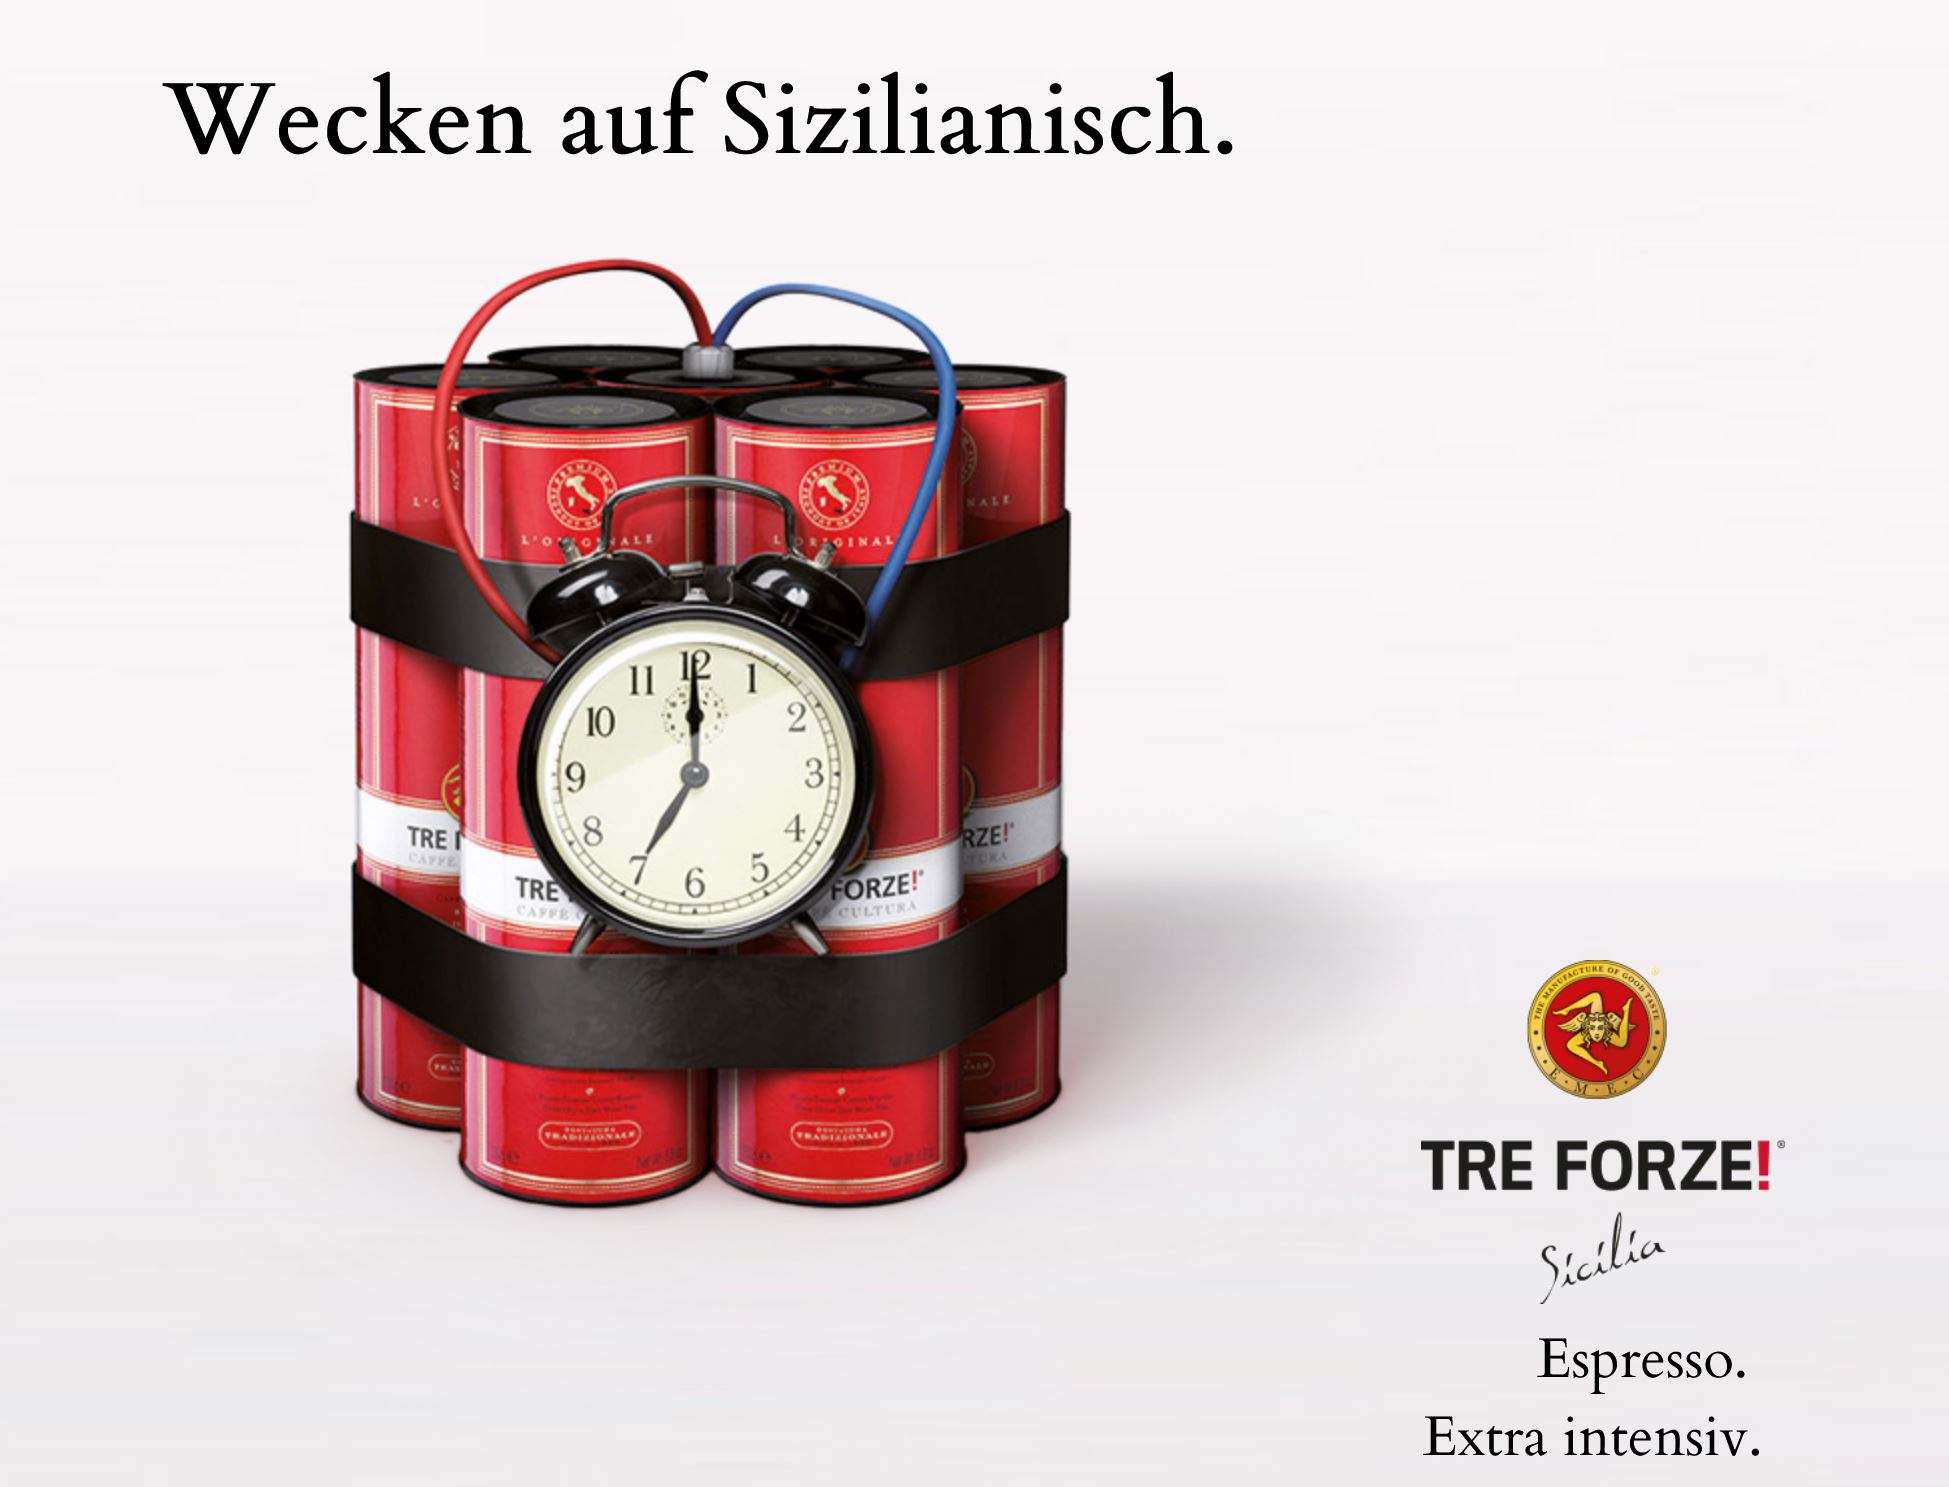 Tre-Forze-Caffe-wecken-auf-sizilianisch